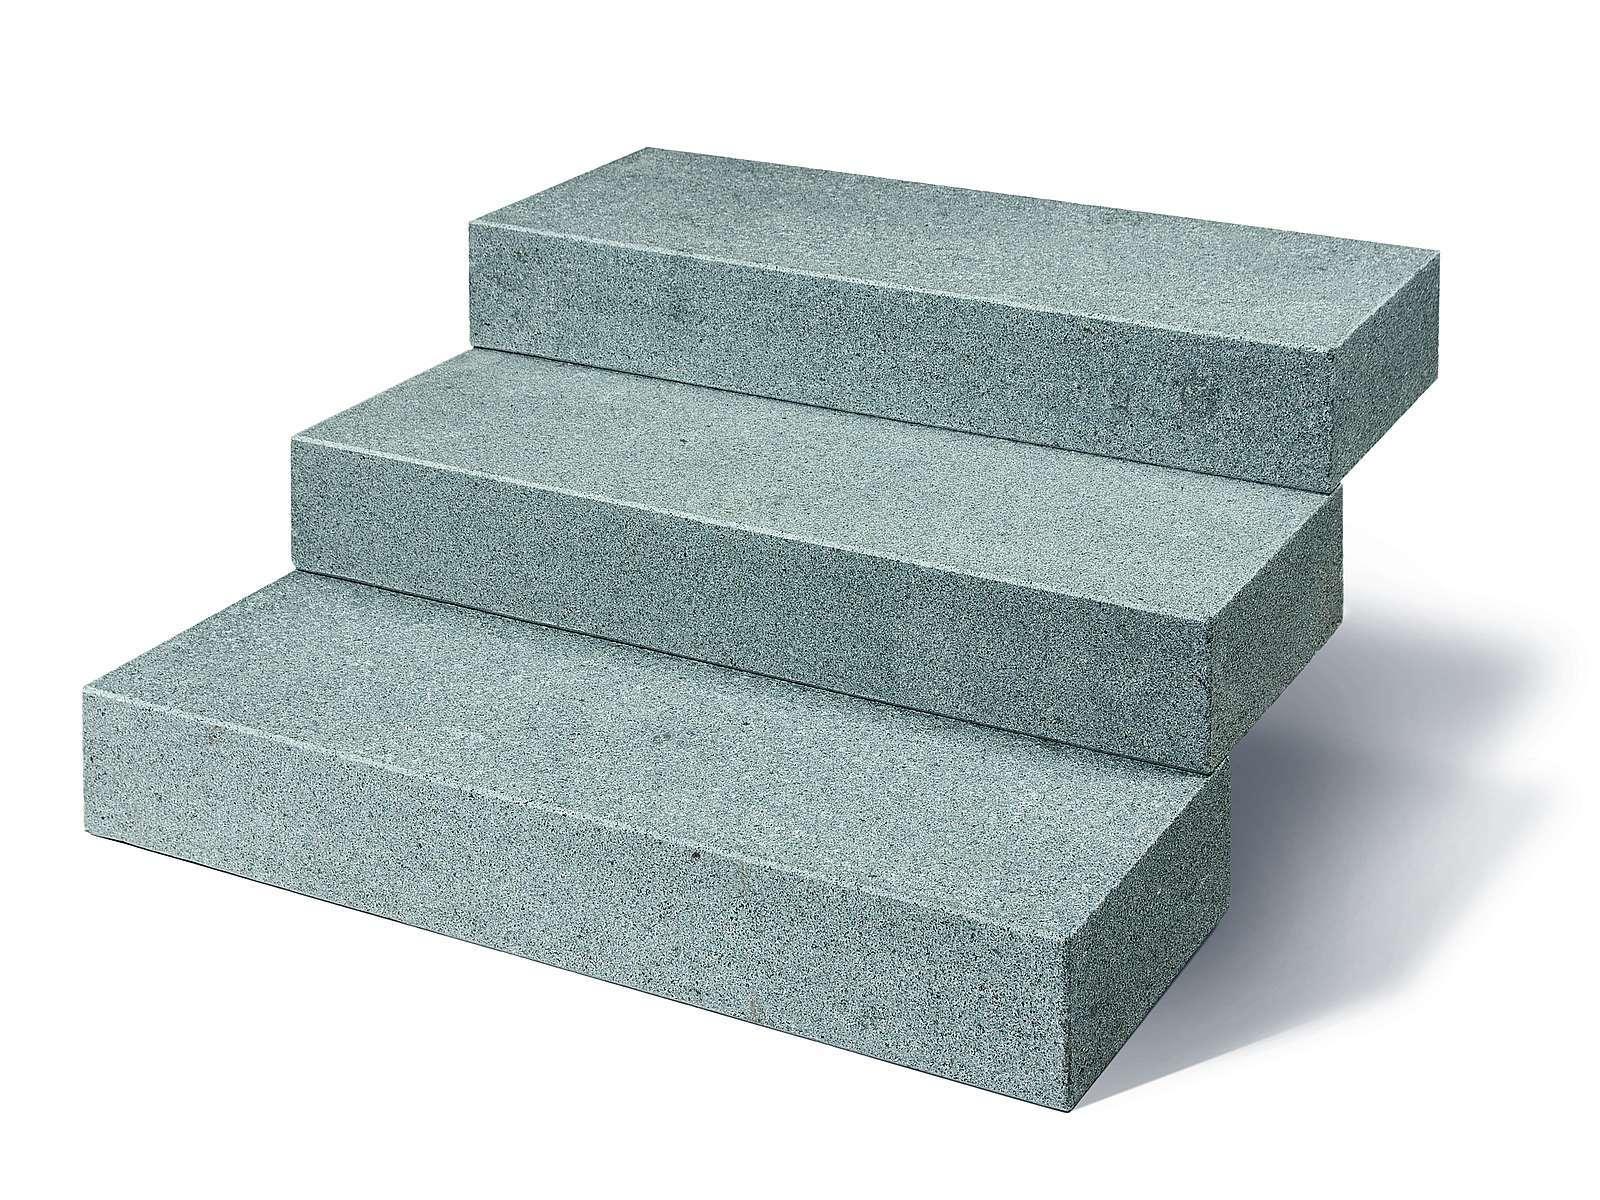 Blockstufe mit gesägt/geflammter Oberfläche in hochwertigem Granit Kristall anthrazit. Die Granitblockstufen sind absolut robust und pflegeleicht. Sehr gutes Preisleistungsverhältnis.